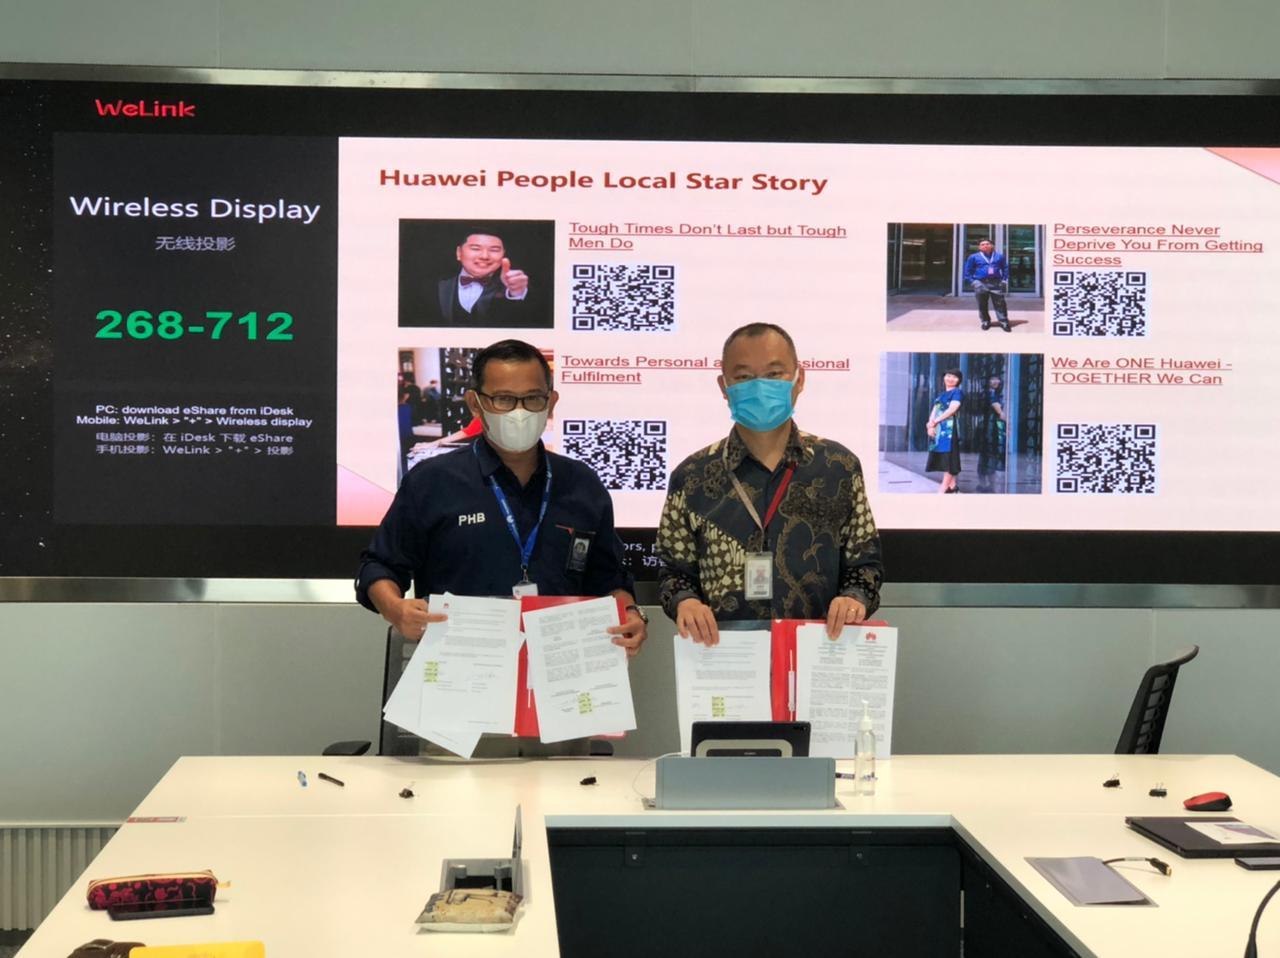 PHB Gandeng Huawei dan Kawan Lama